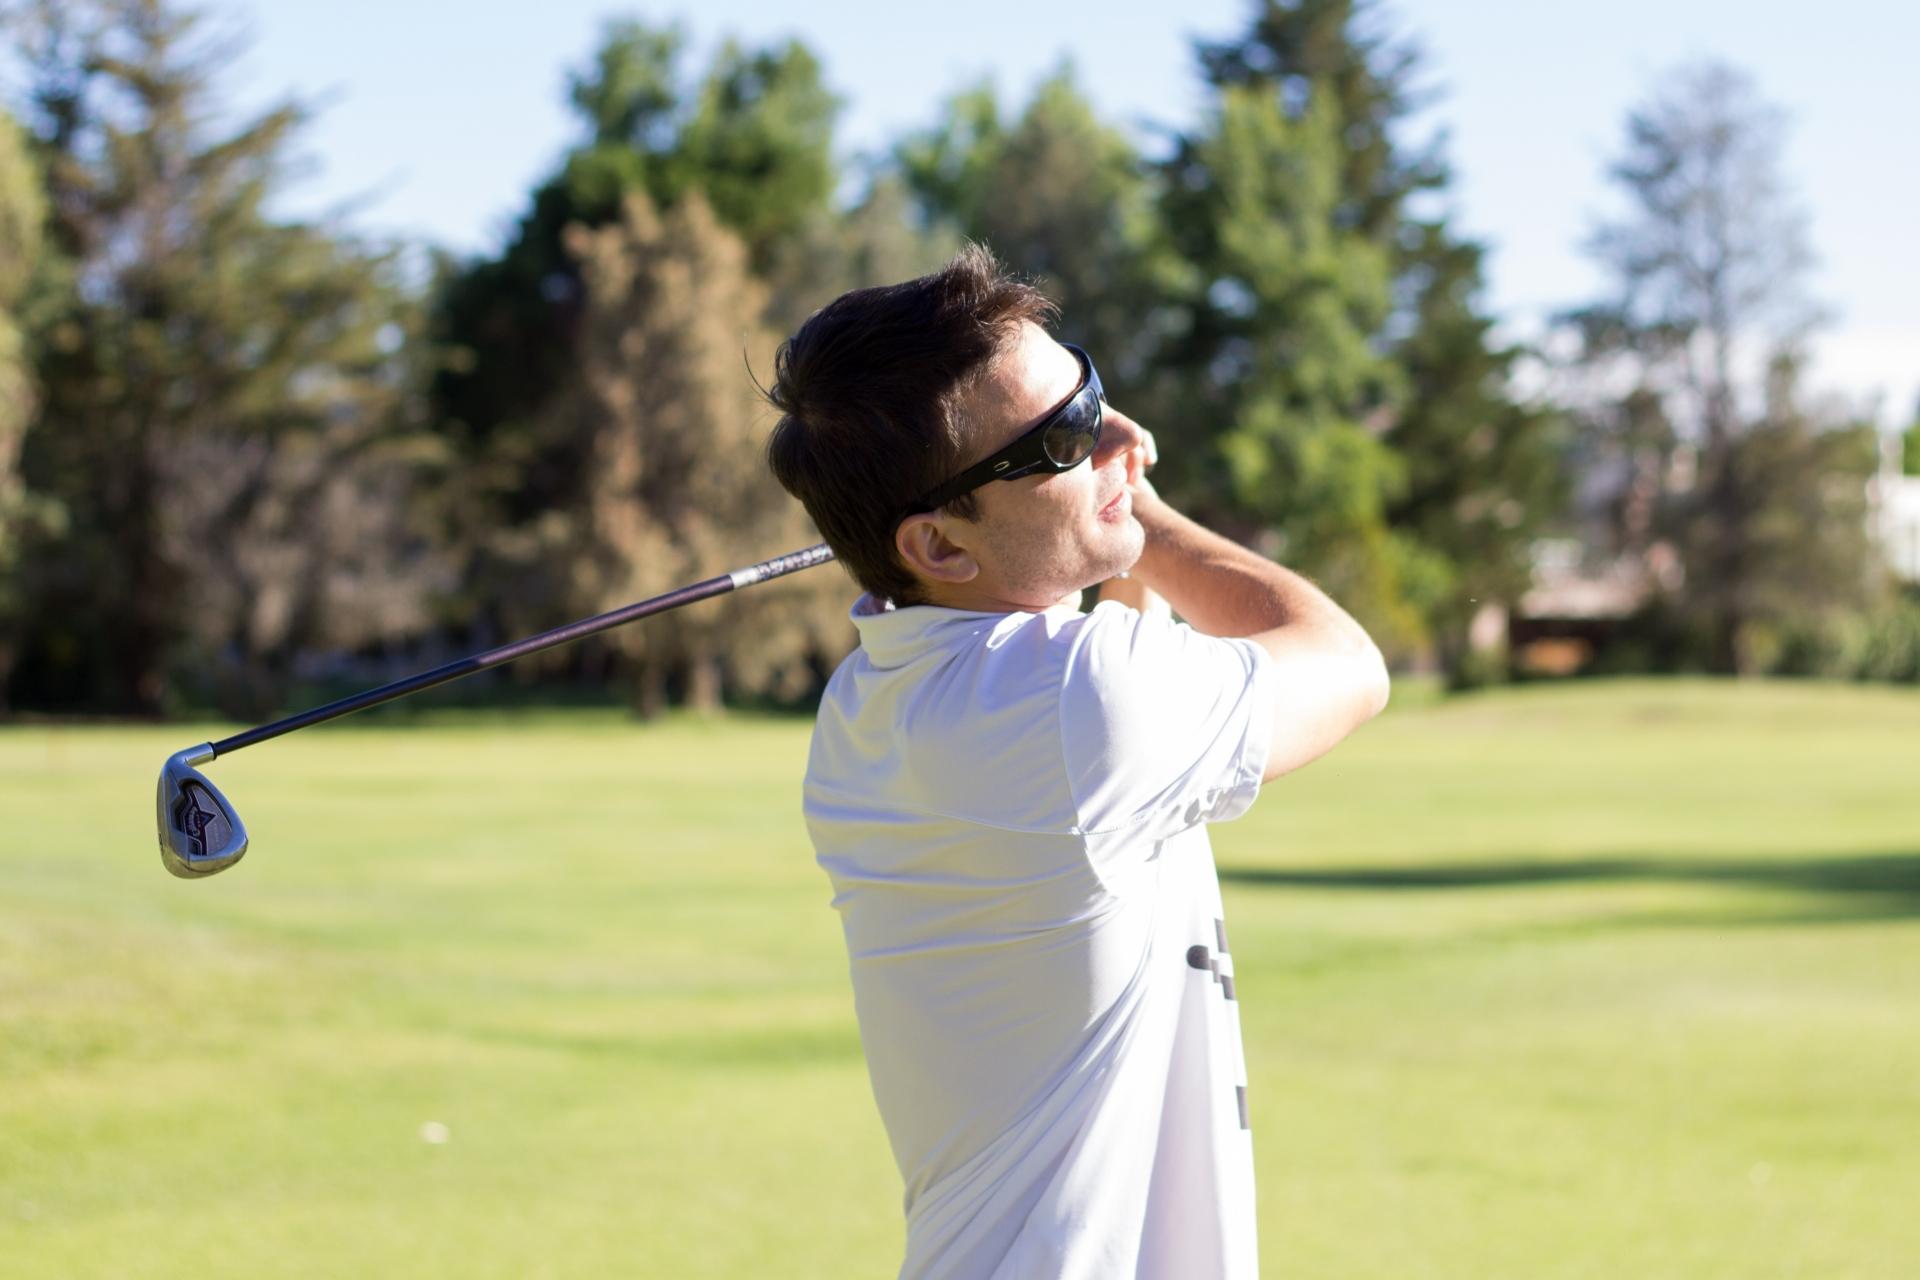 趣味がゴルフならプレゼントに喜ばれるアイテムや選び方